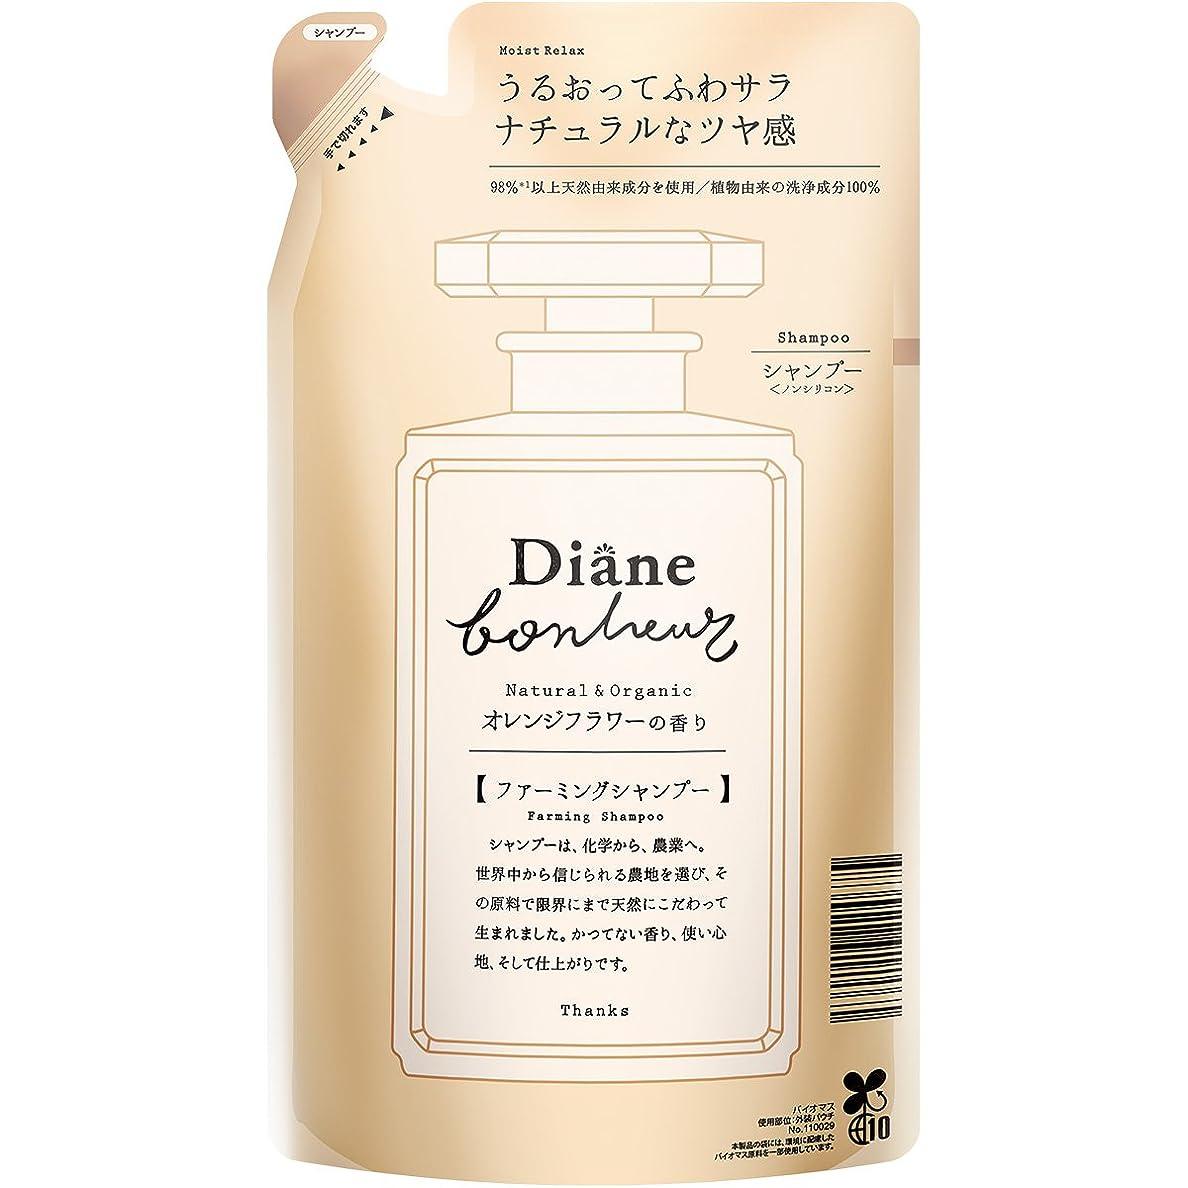 似ている会話ひどいダイアン ボヌール オレンジフラワーの香り モイストリラックス シャンプー 詰め替え 400ml